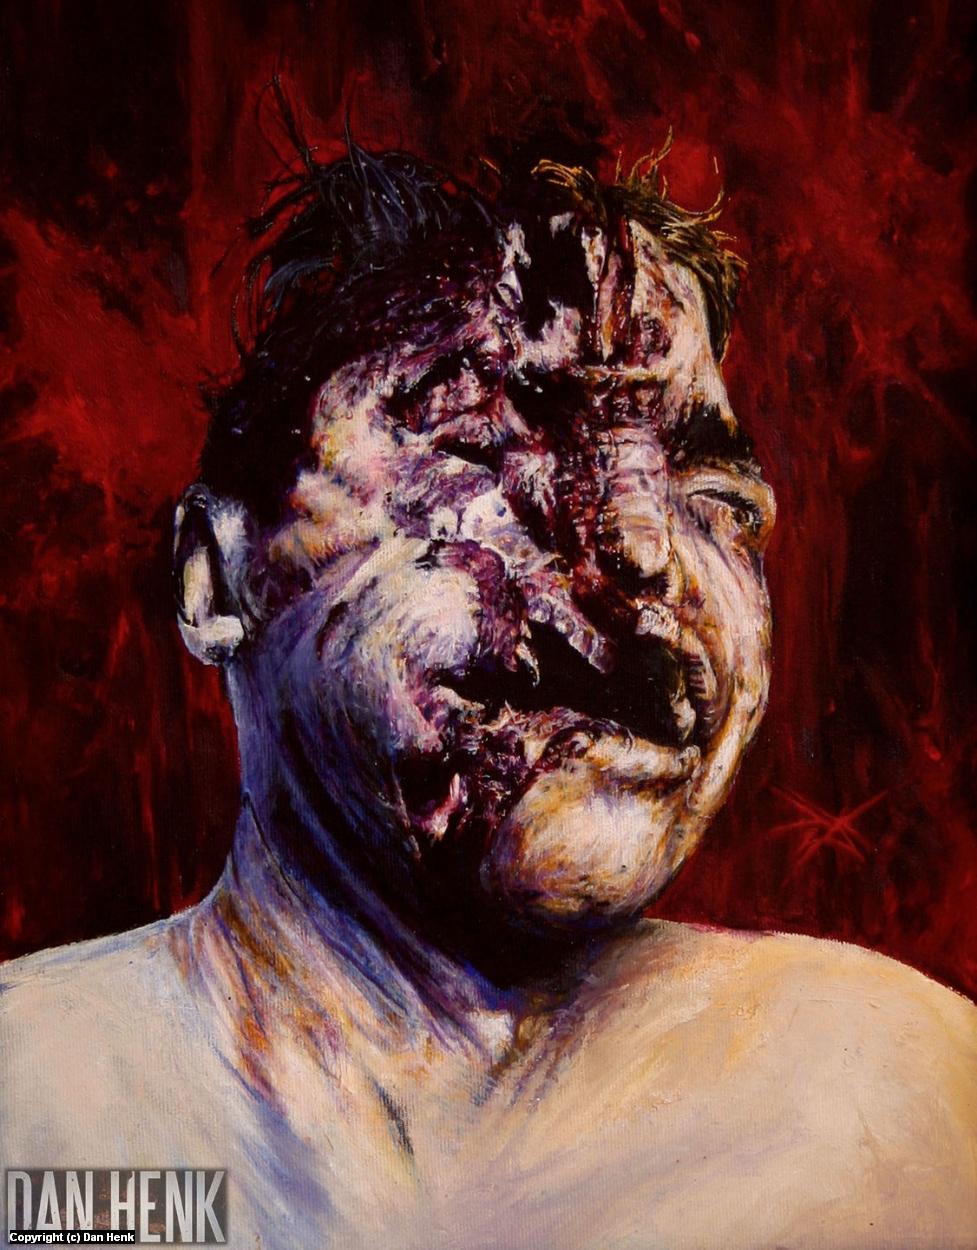 Apocalypse Artwork by Dan Henk